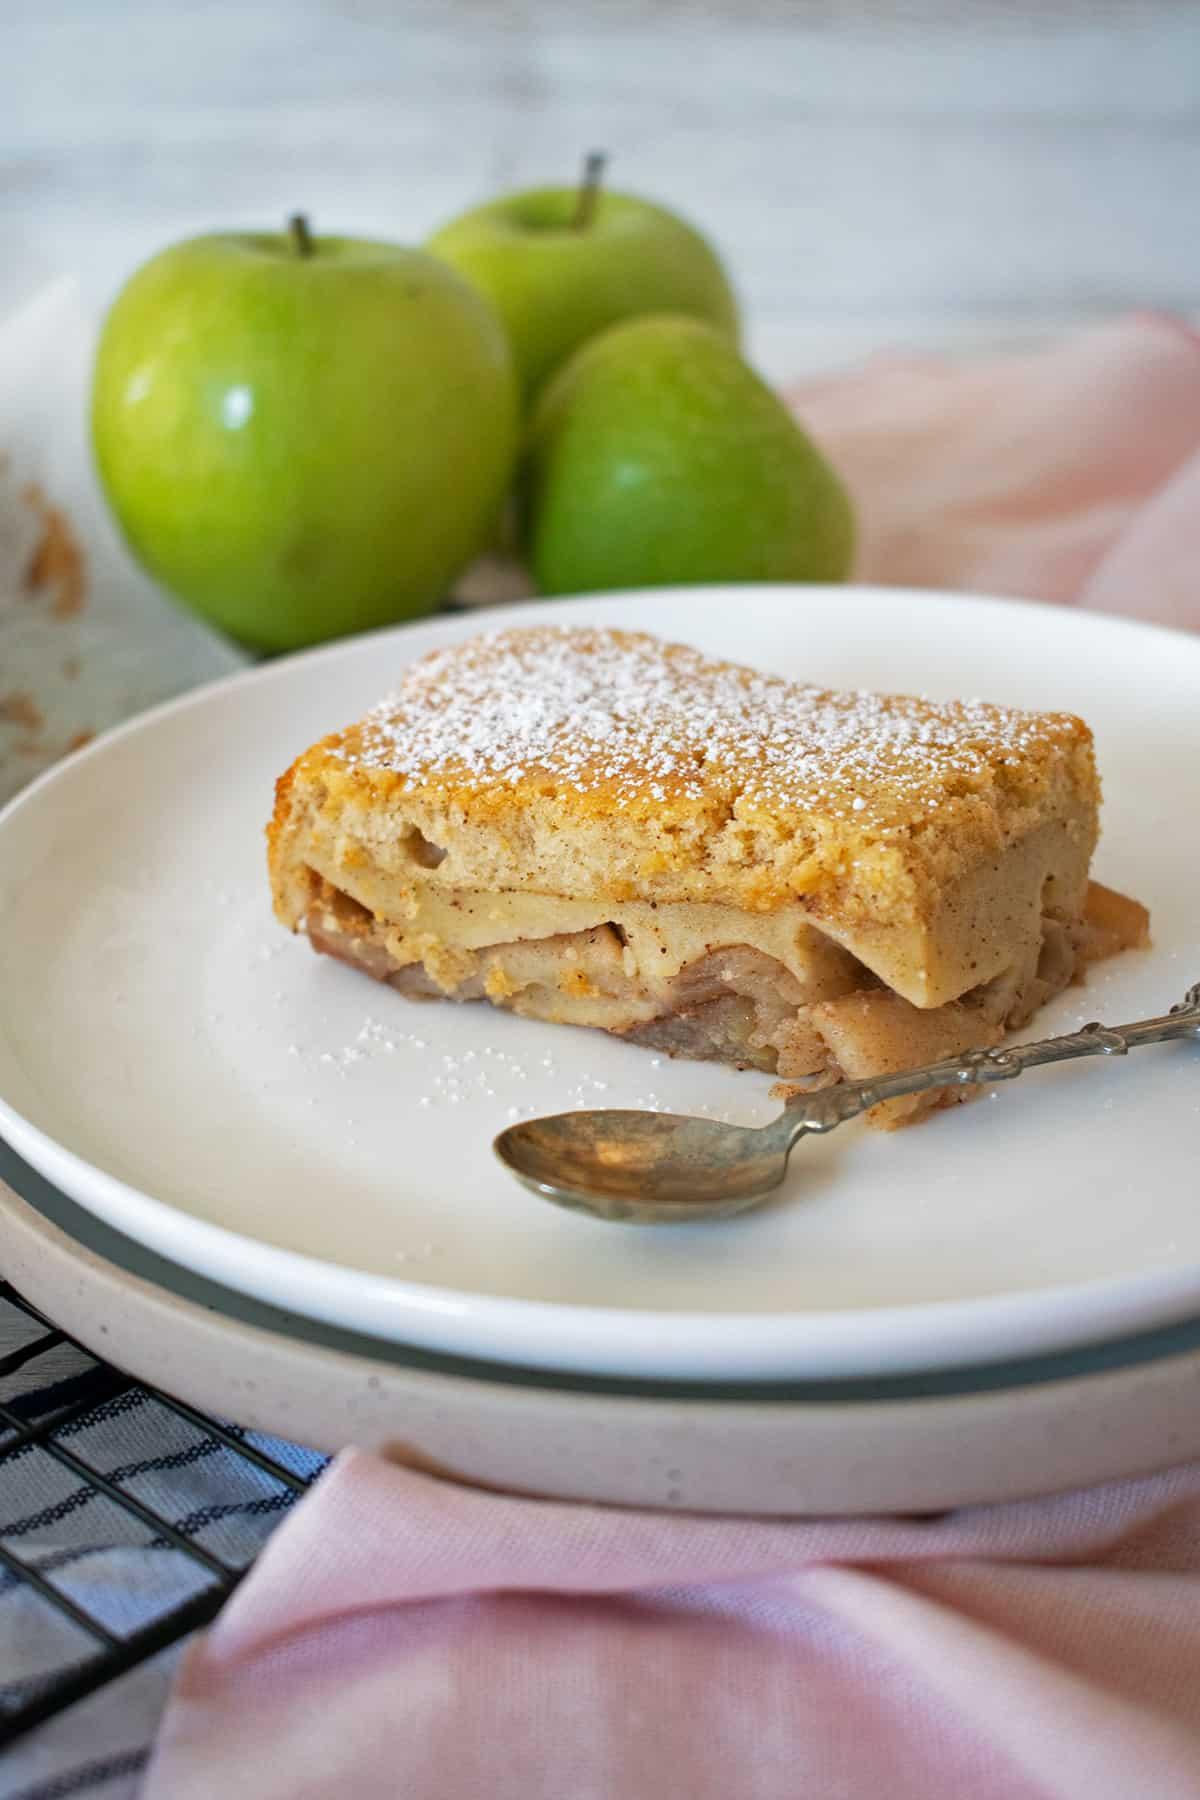 Tarta de manzana servida en un plato blanco con una pequeña cuchara, tres manzanas verdes detrás.